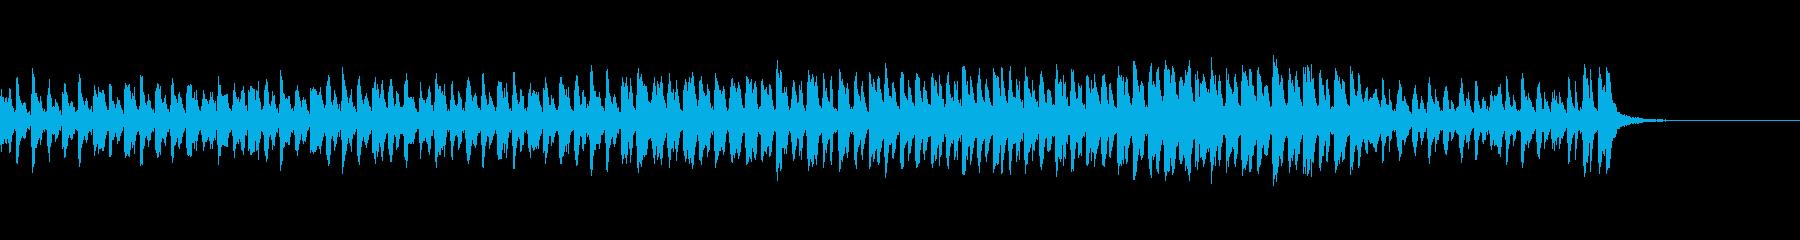 明るくて軽快な曲ですの再生済みの波形